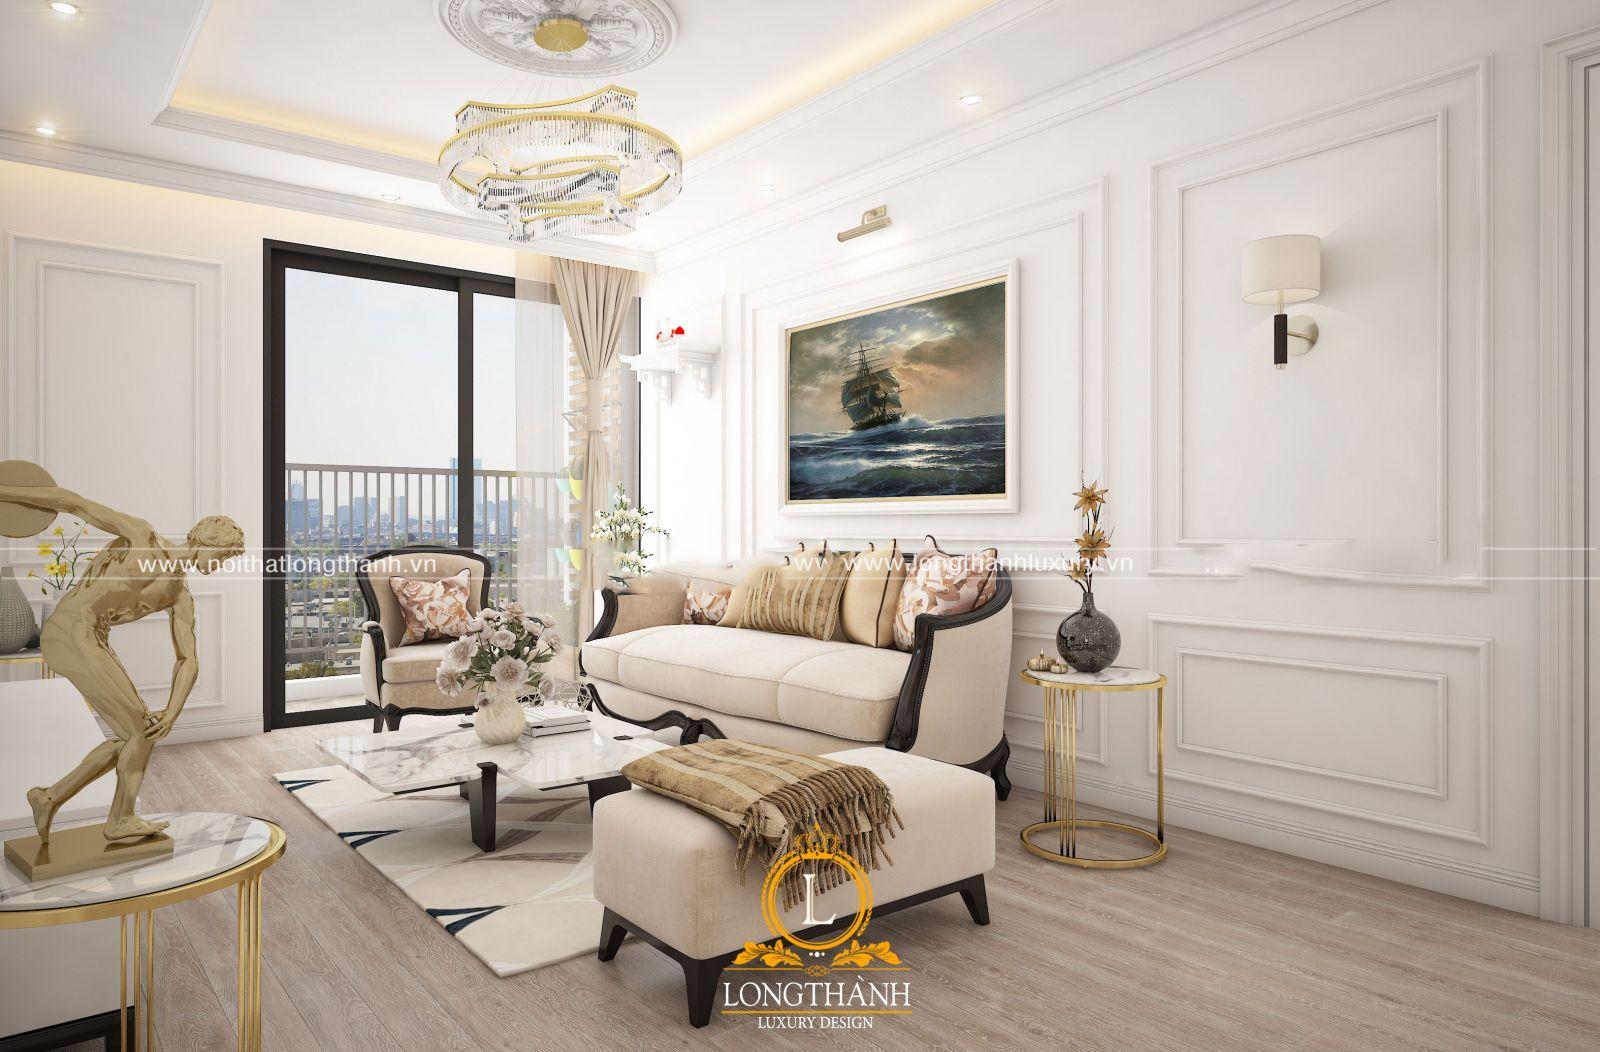 Kích thước phòng khách được thiết kế phù hợp diện tích phòng khách